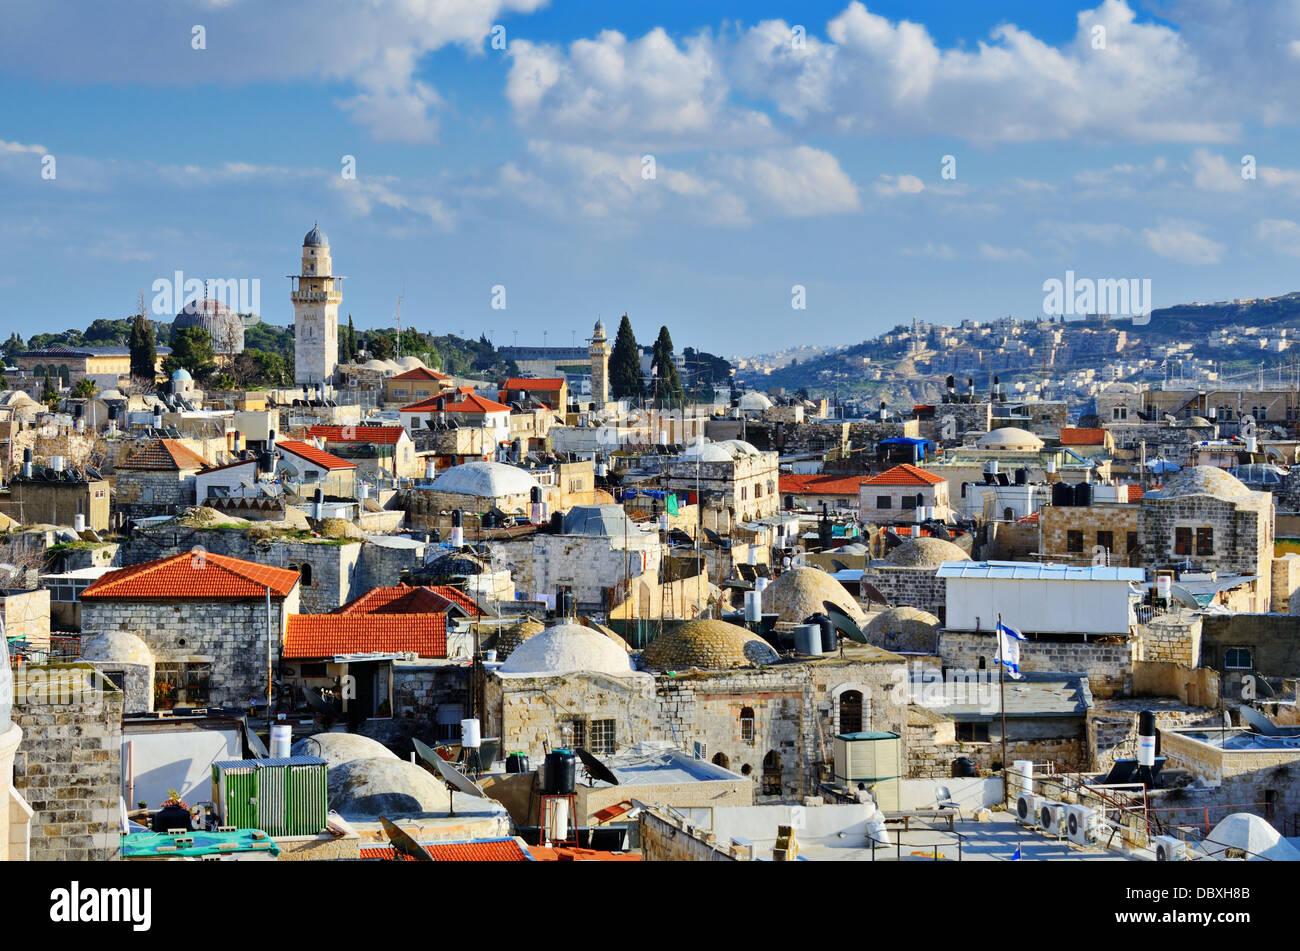 Skyline von der Altstadt von Jerusalem, Israel. Stockbild